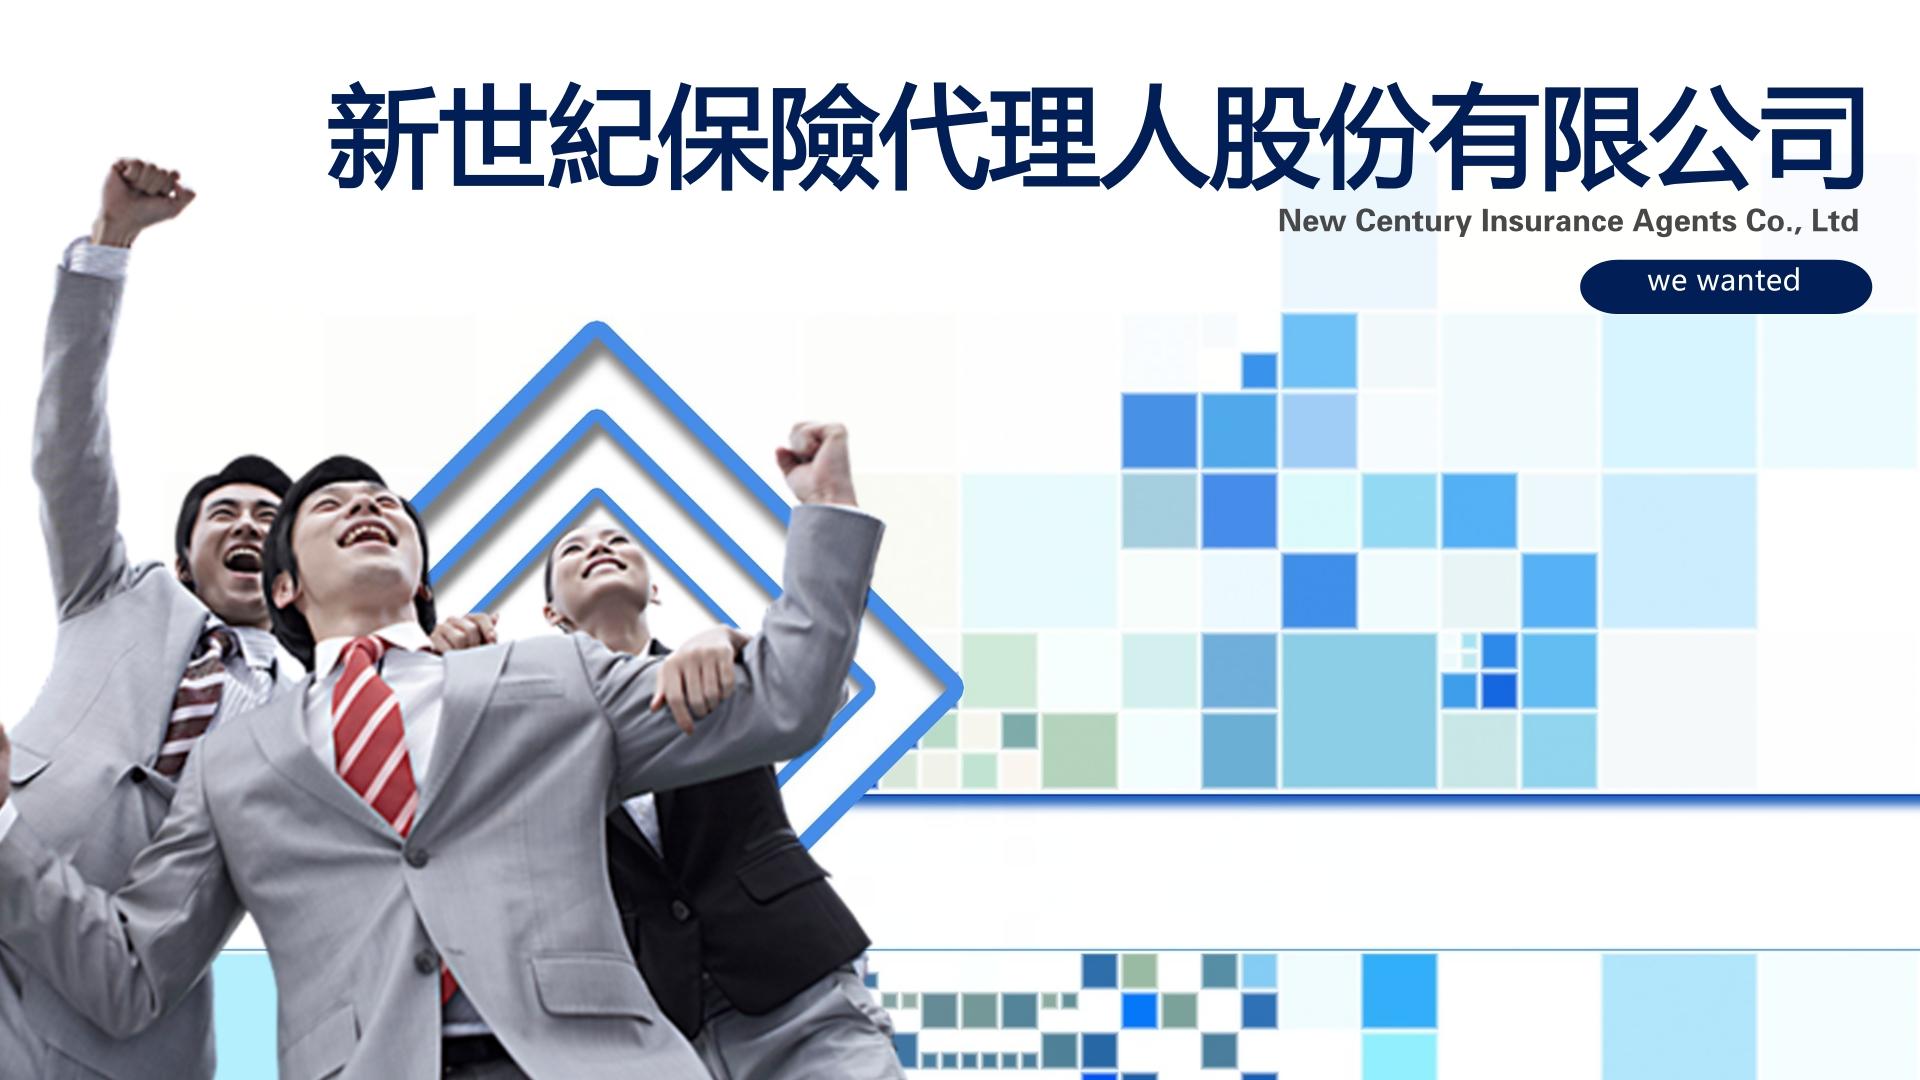 新世紀保險代理人股份有限公司